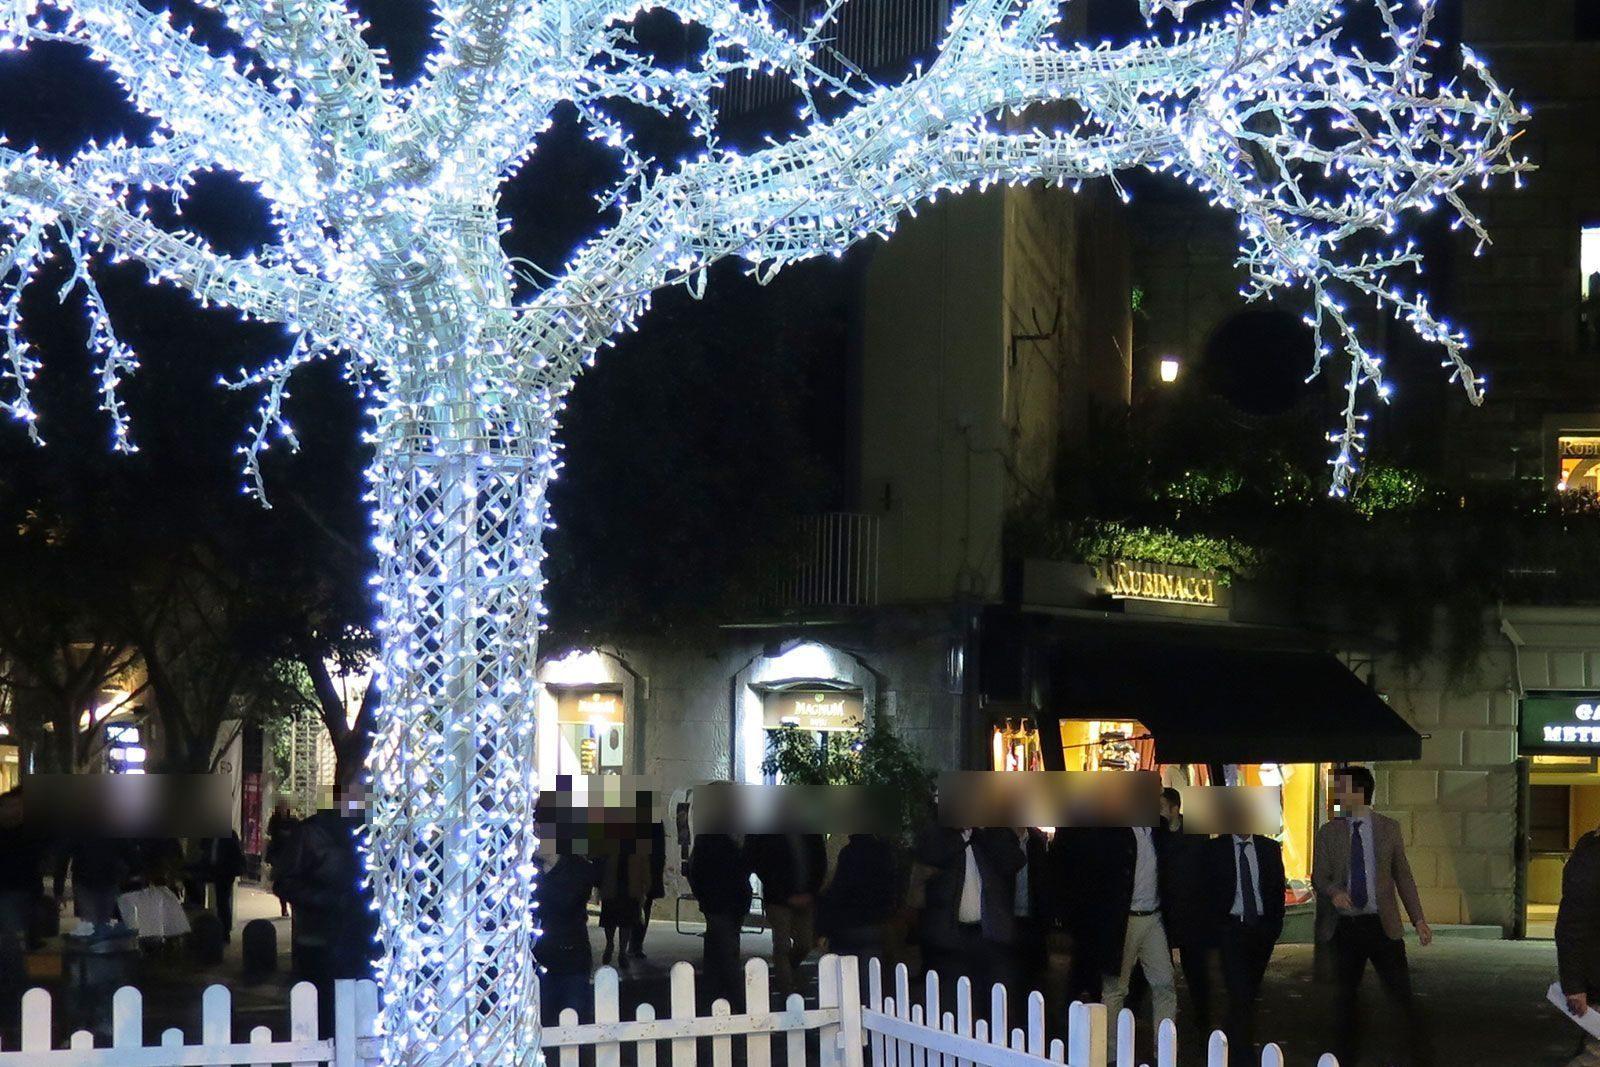 Immagini di luminarie natalizie che arrivano dai territori della regione. Natale 2020 A Napoli Ci Saranno Le Luminarie Il Comune Creano Un Clima Positivo